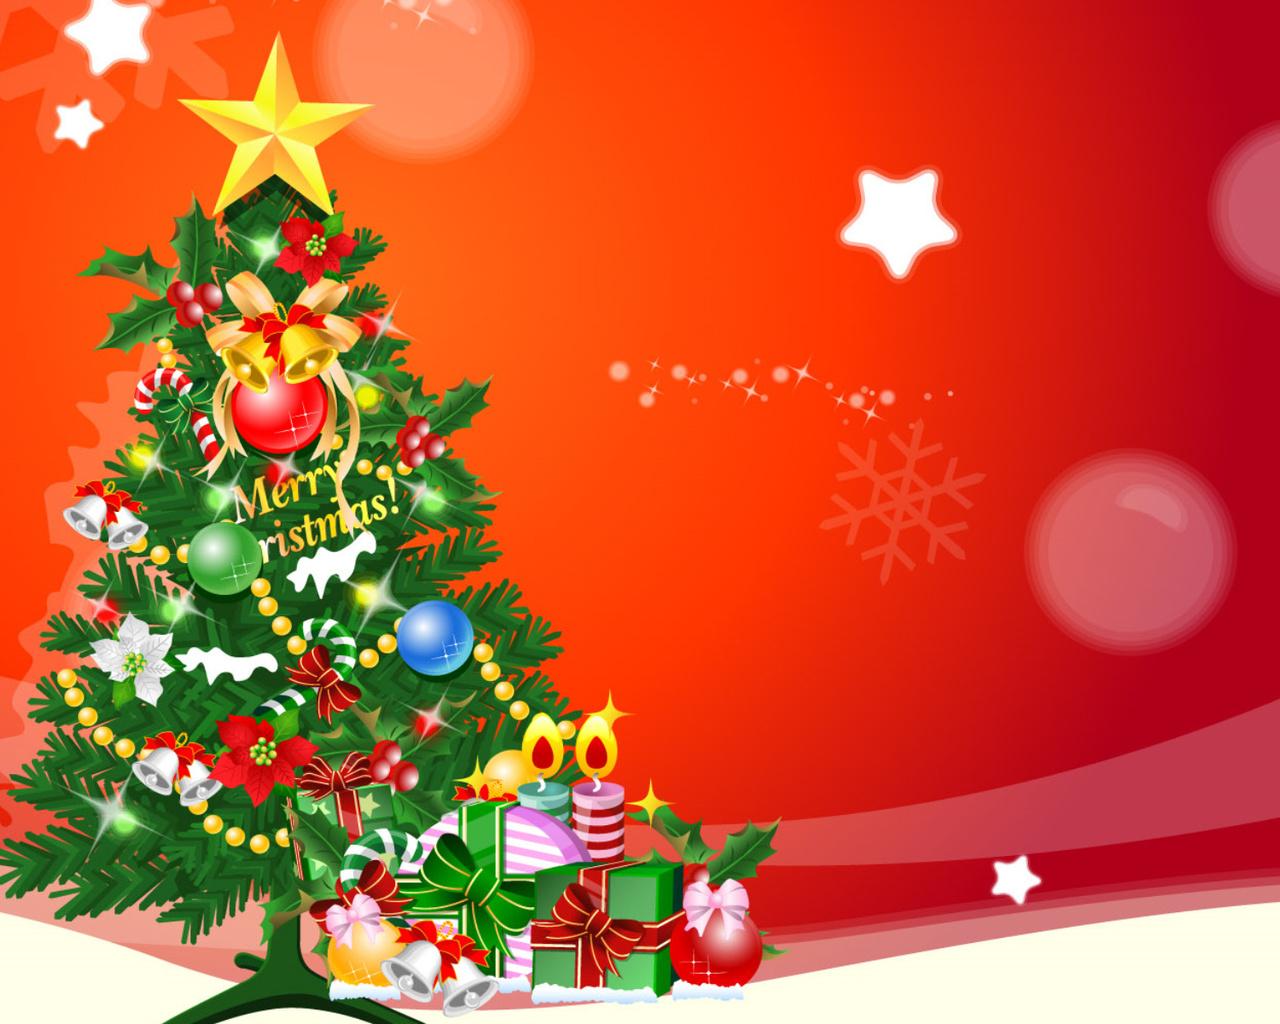 Картинка новогодней елки на открытке, брекетами смешная